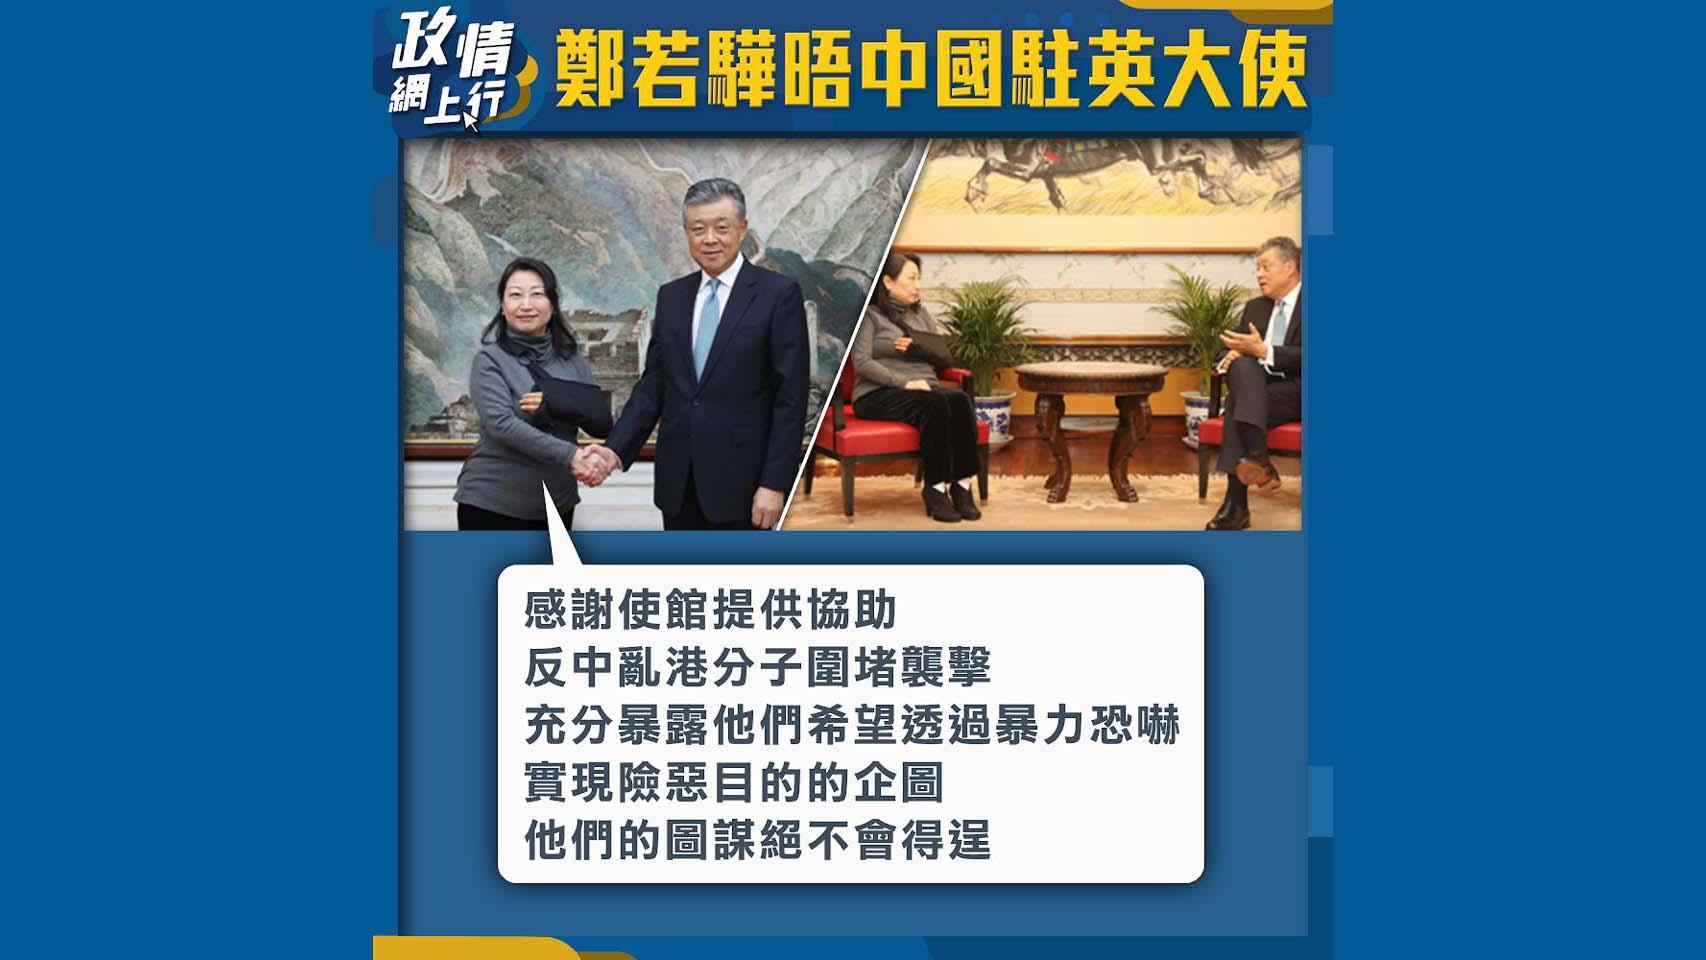 【政情網上行】鄭若驊晤中國駐英大使